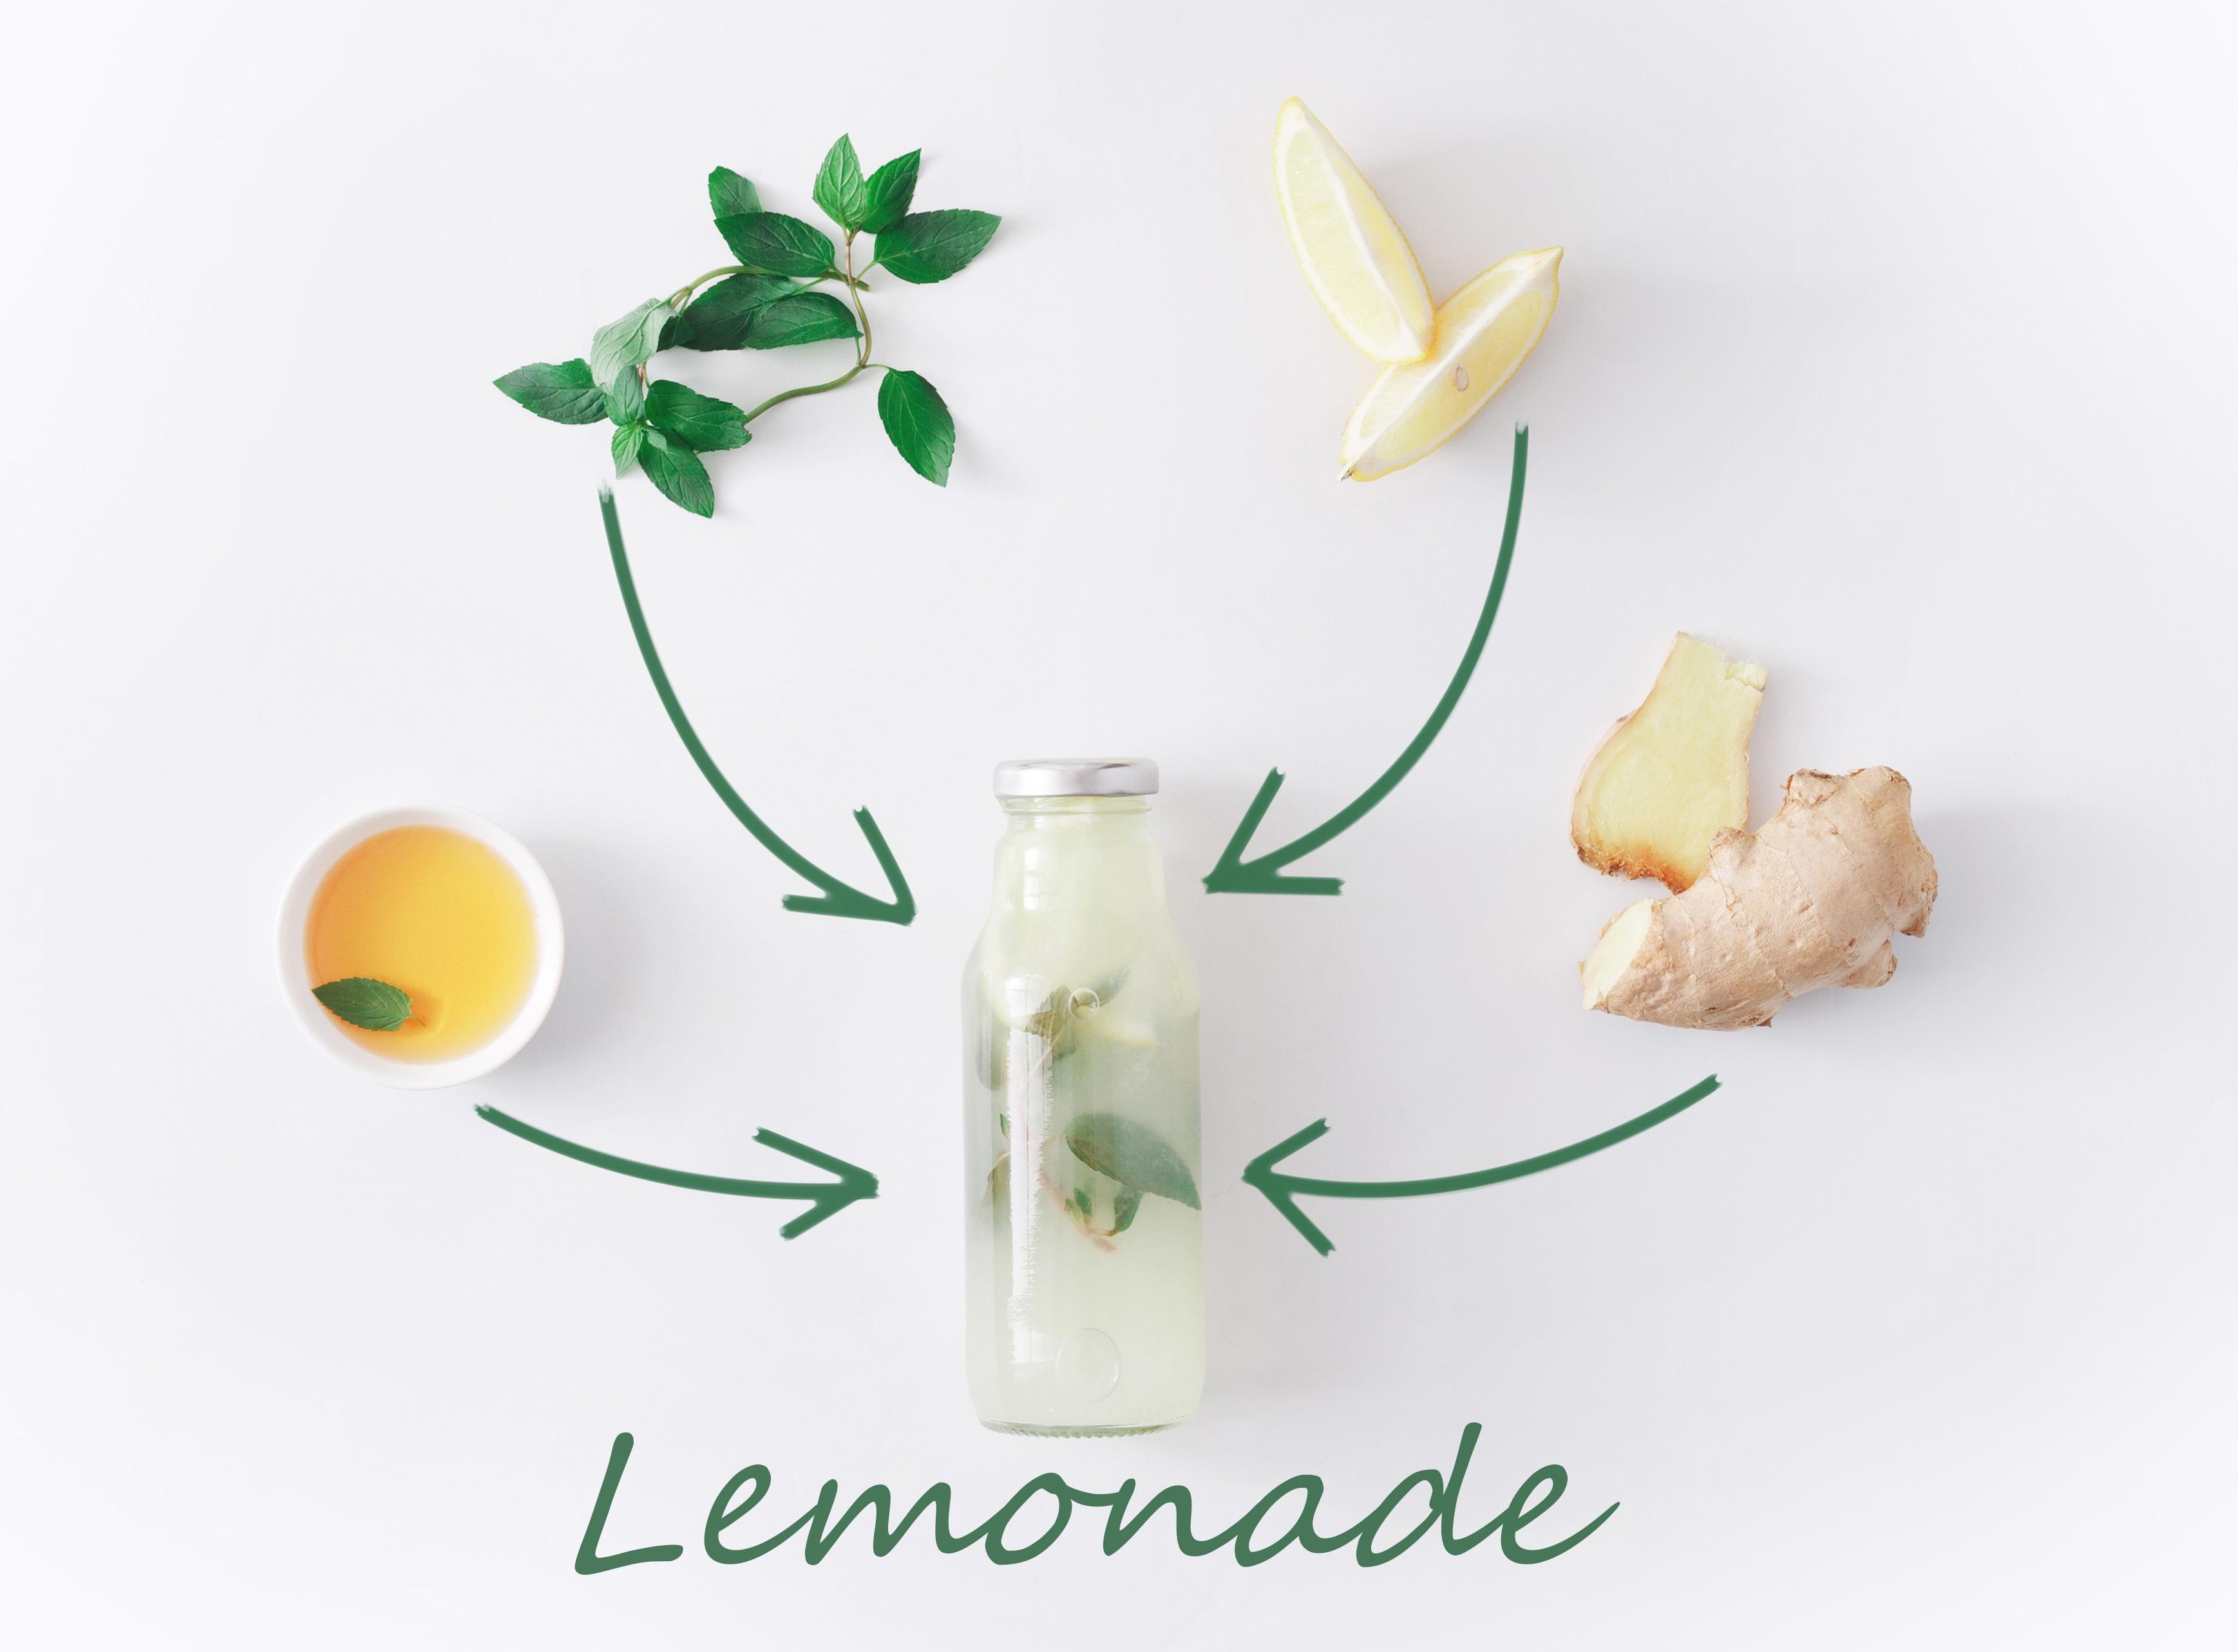 iStock-639705792 clean label lemonade.jpg